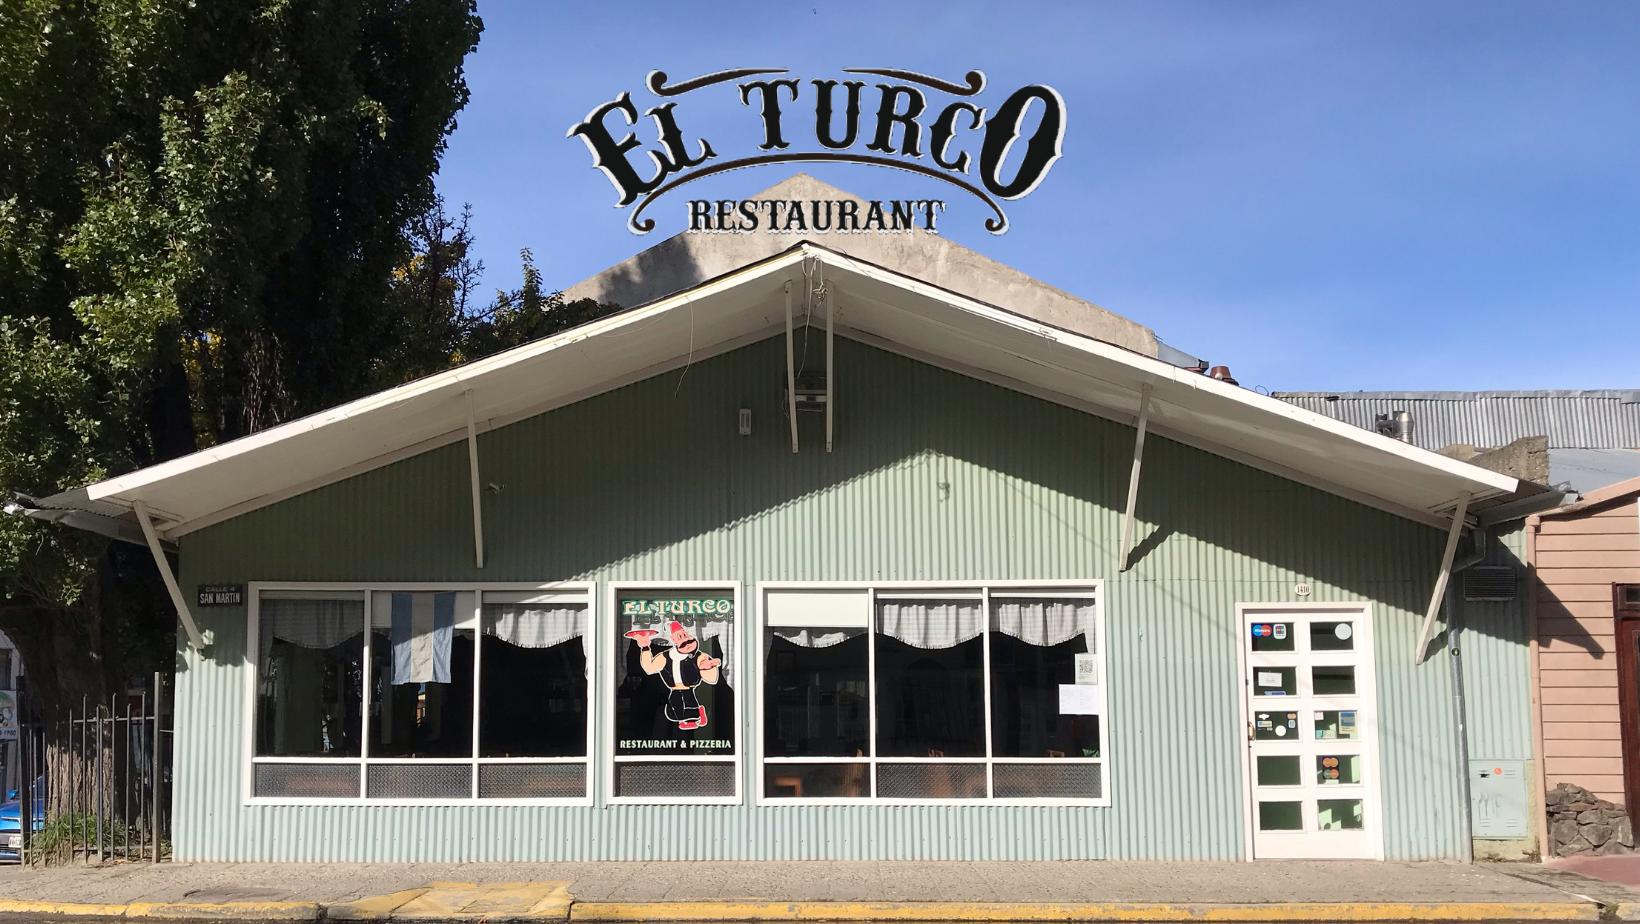 Restaurant El Turco